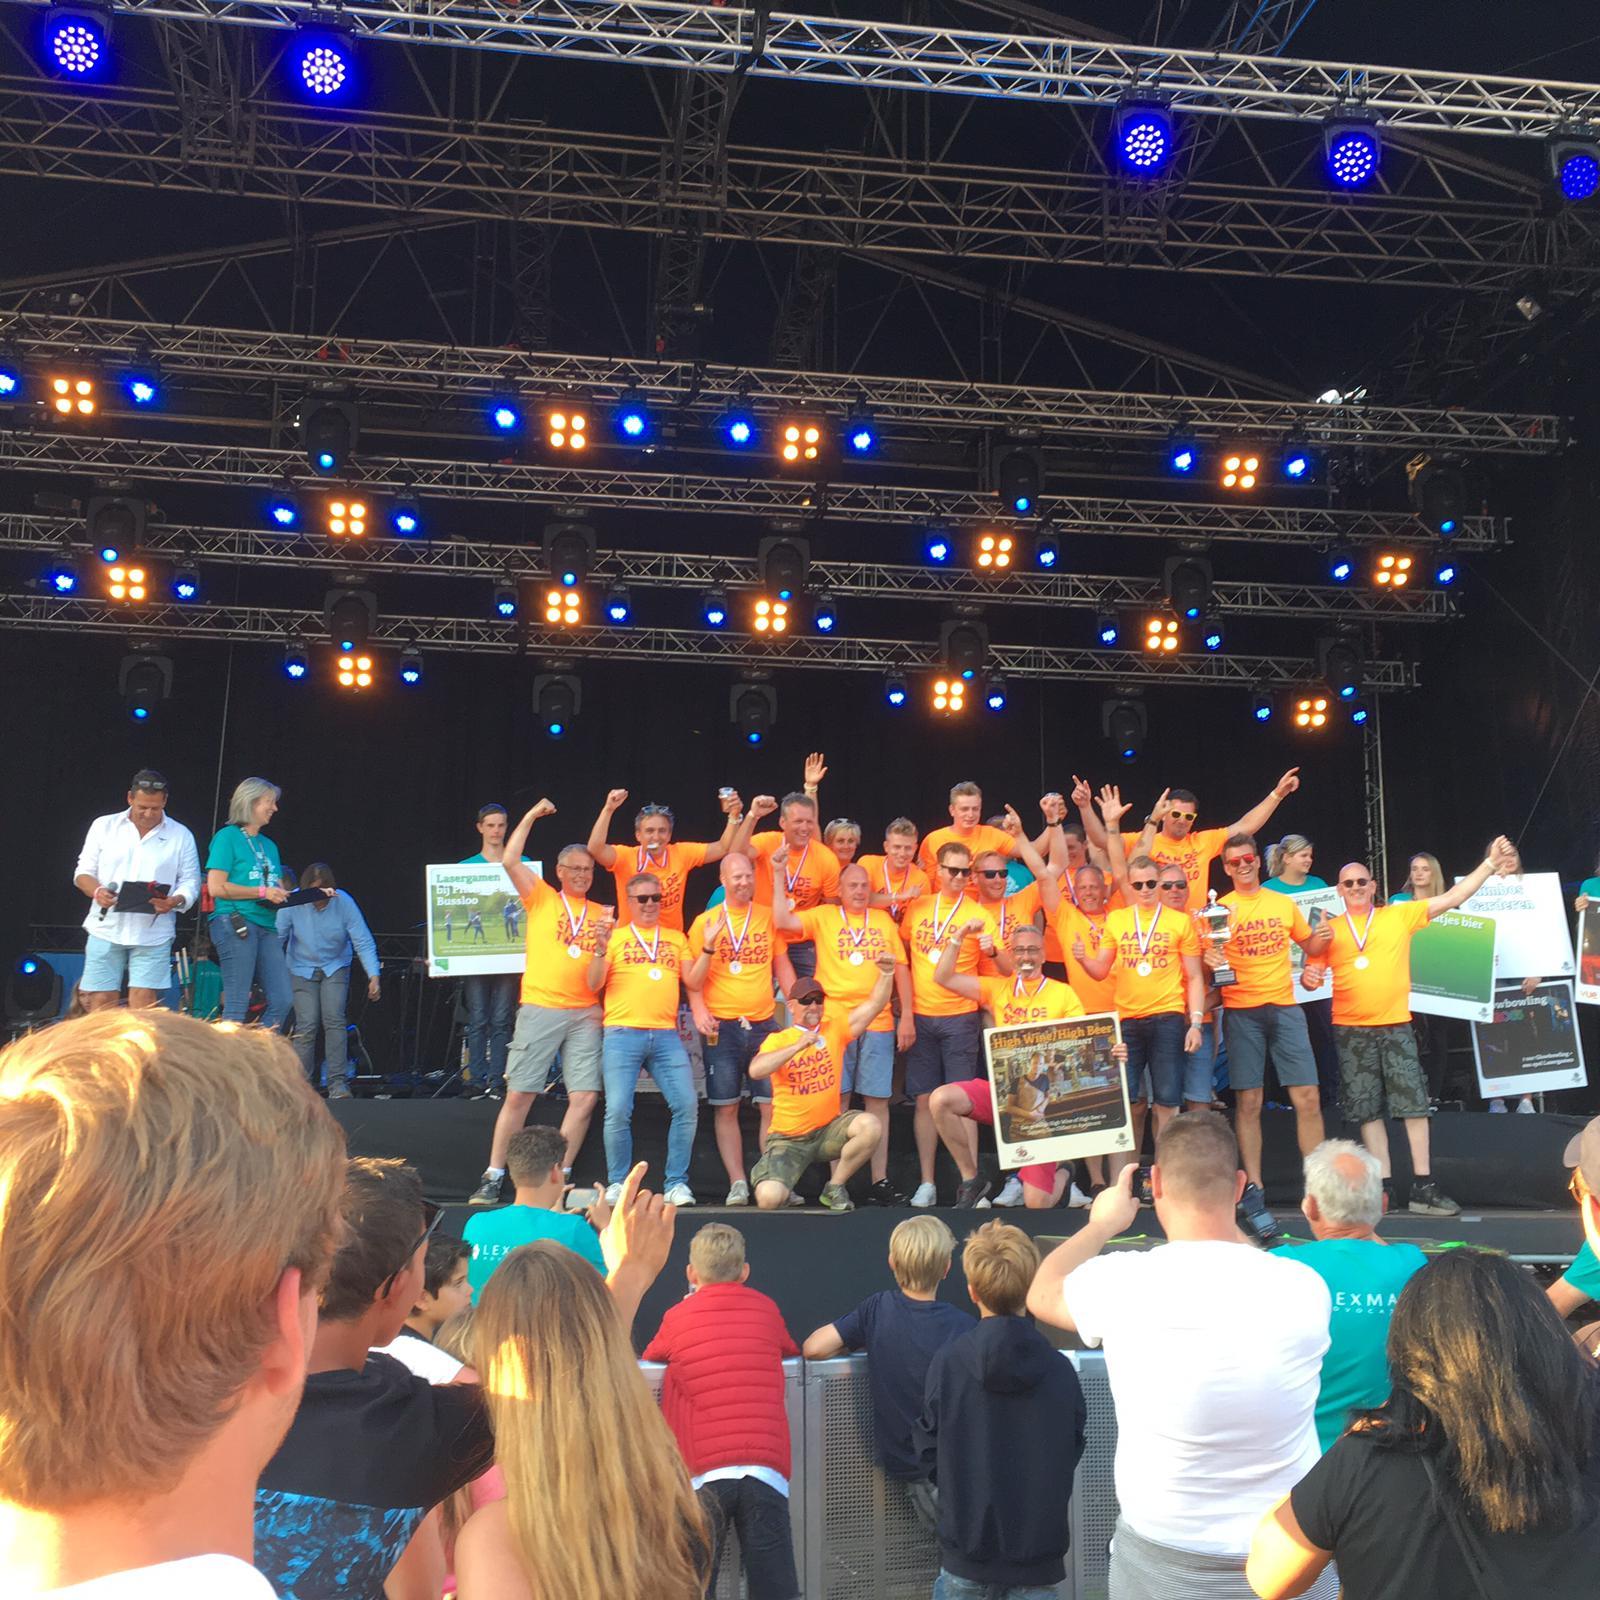 Kampioen Drakenbootrace Apeldoorn